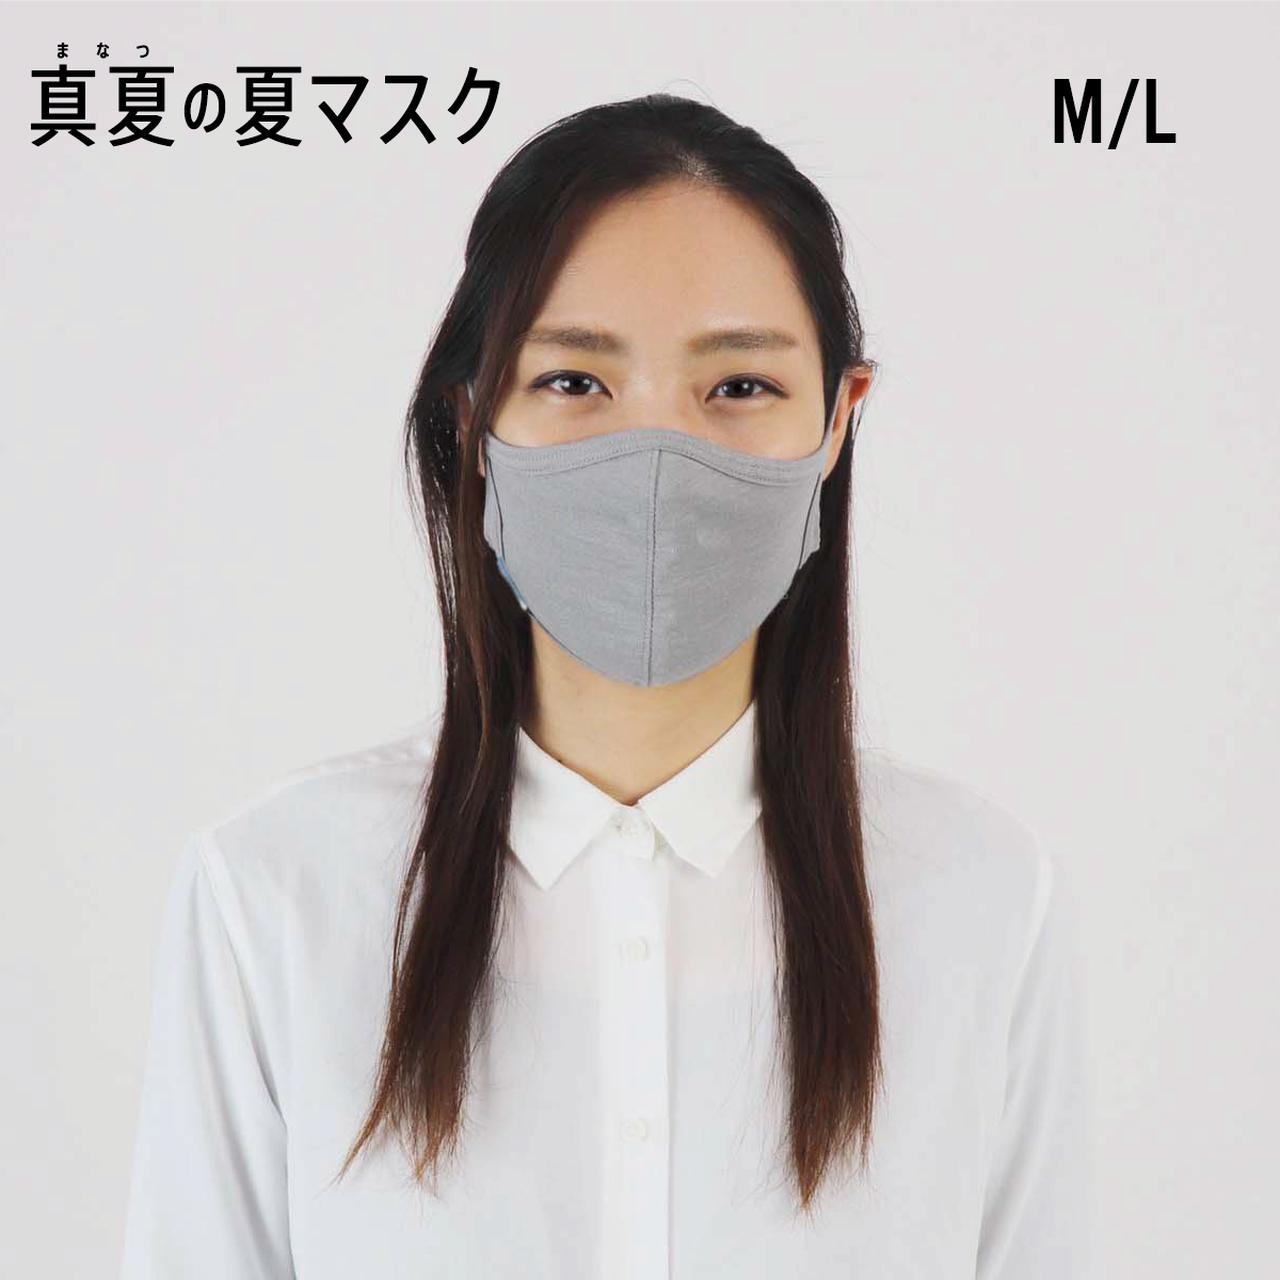 画像: 【大人用】TO&FRO 真夏の夏マスク